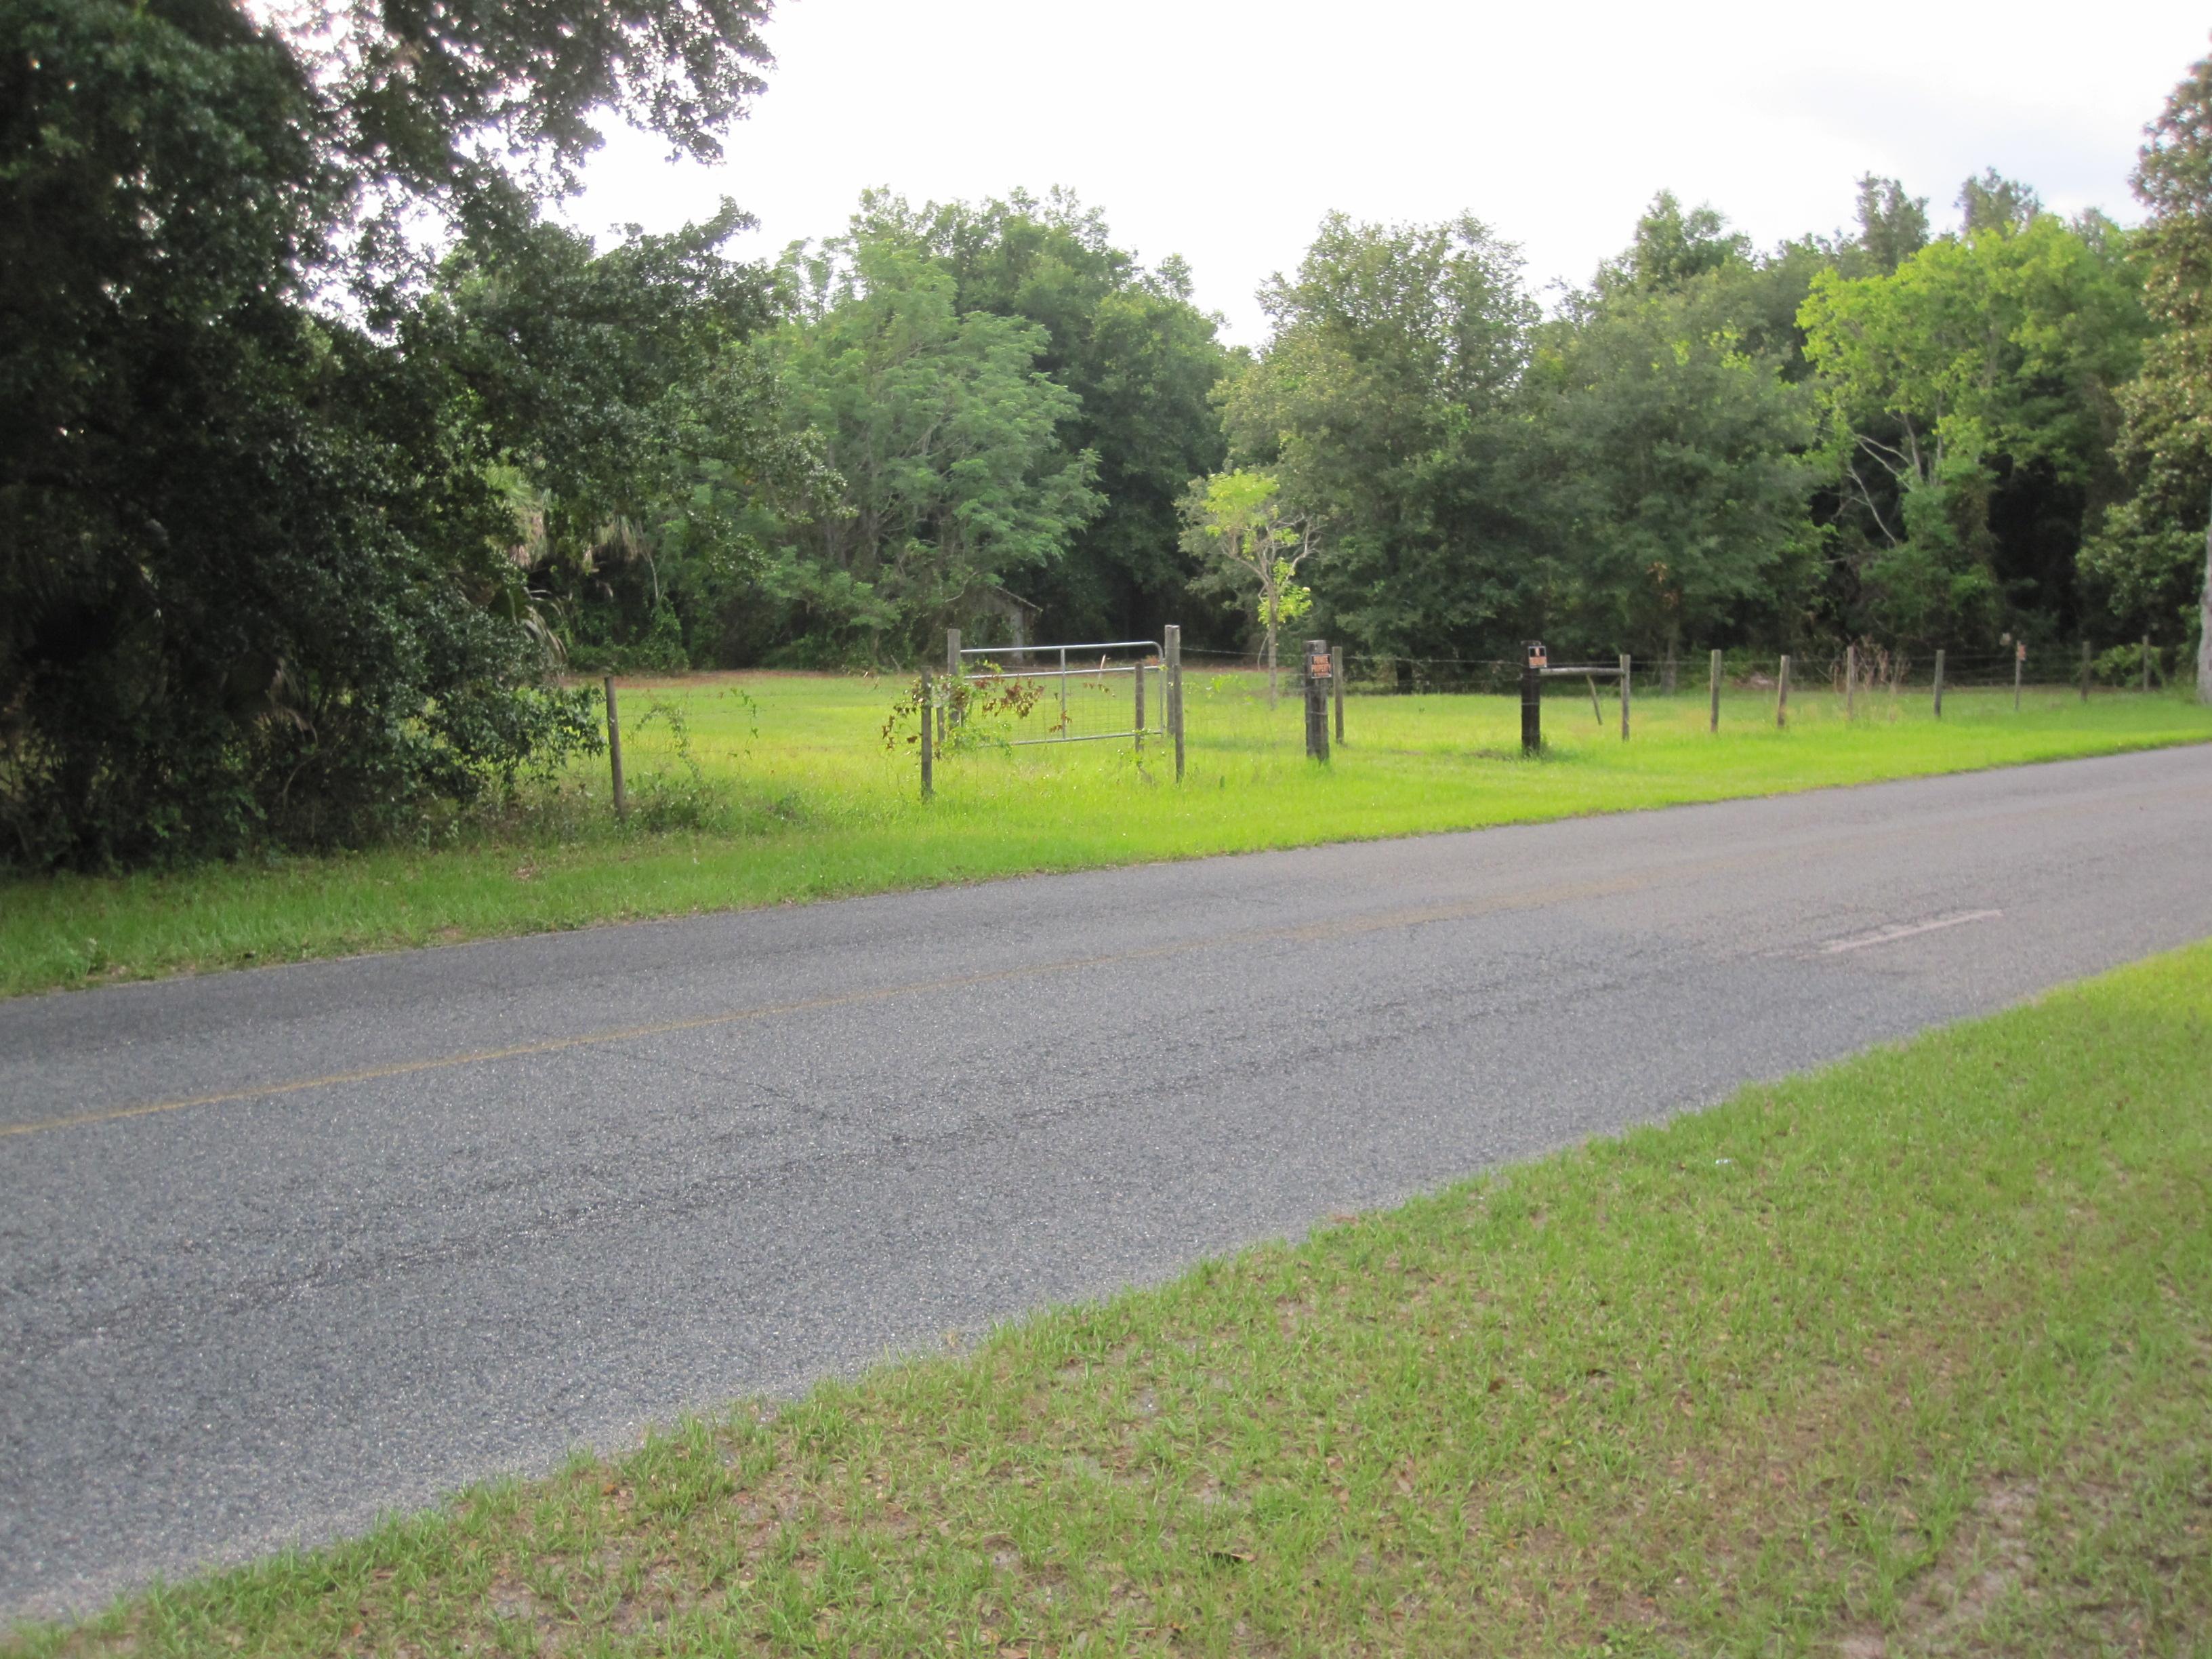 40809 Emeralda Island Rd., Leesburg, Florida 34788